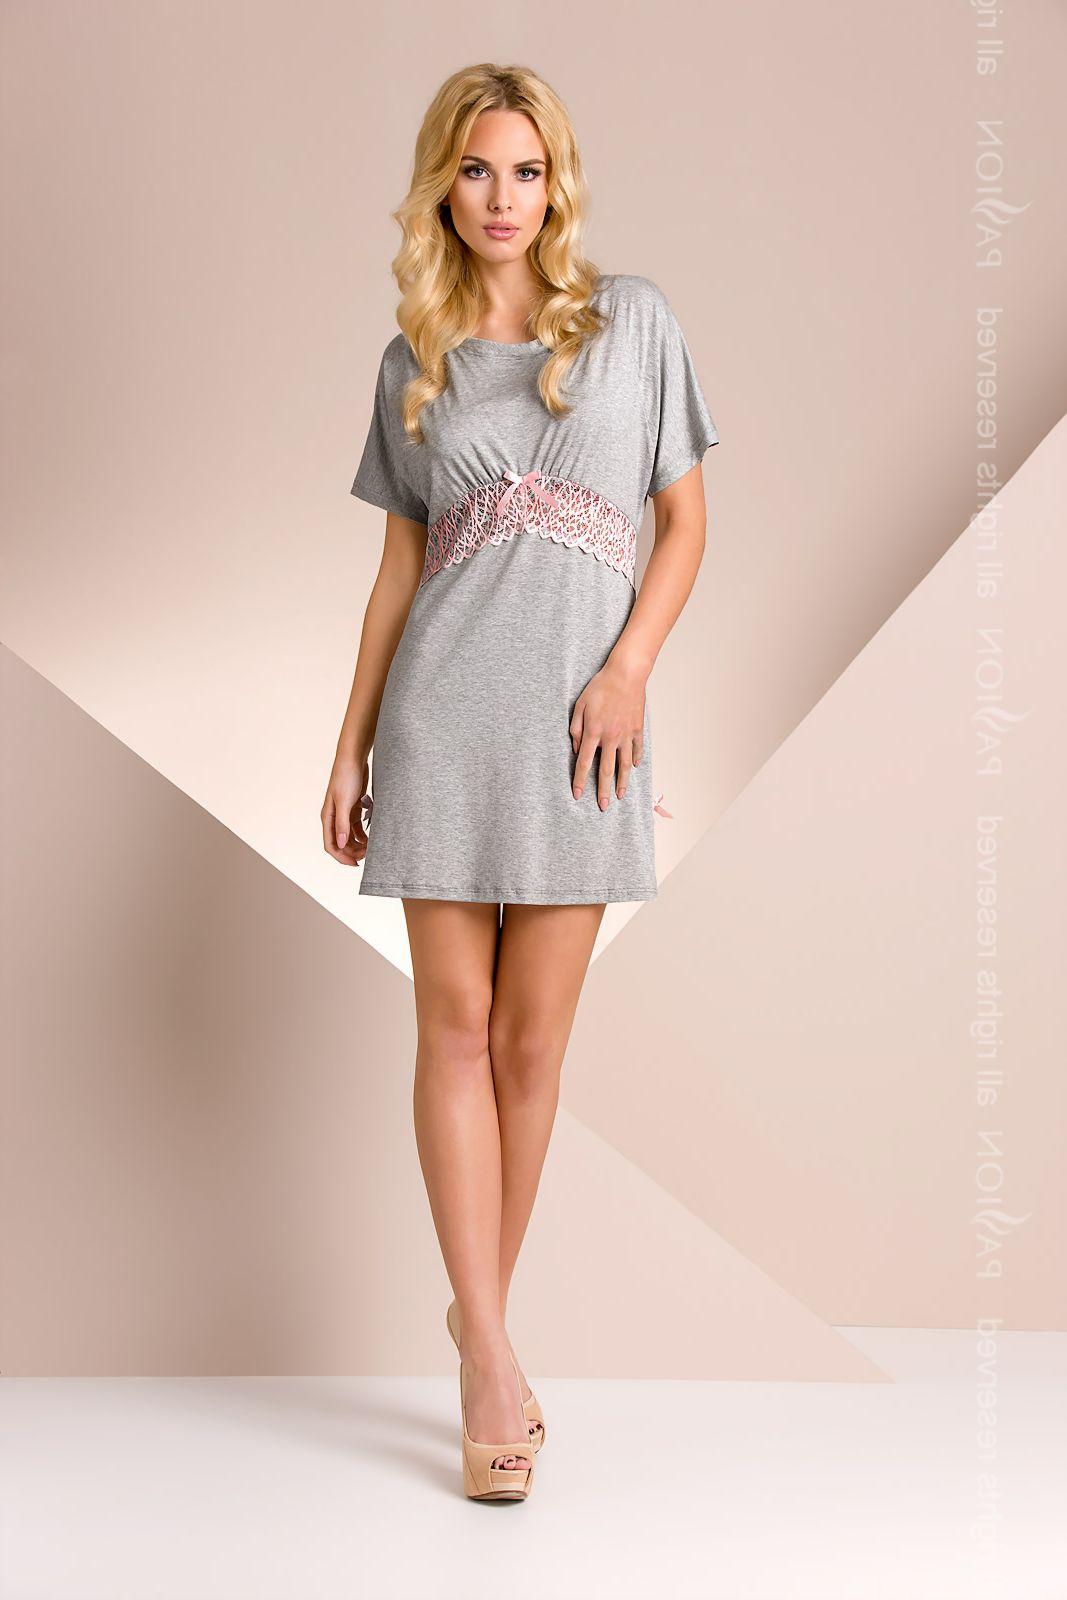 Купить Сорочка Grey в Алматы, Казахстан.